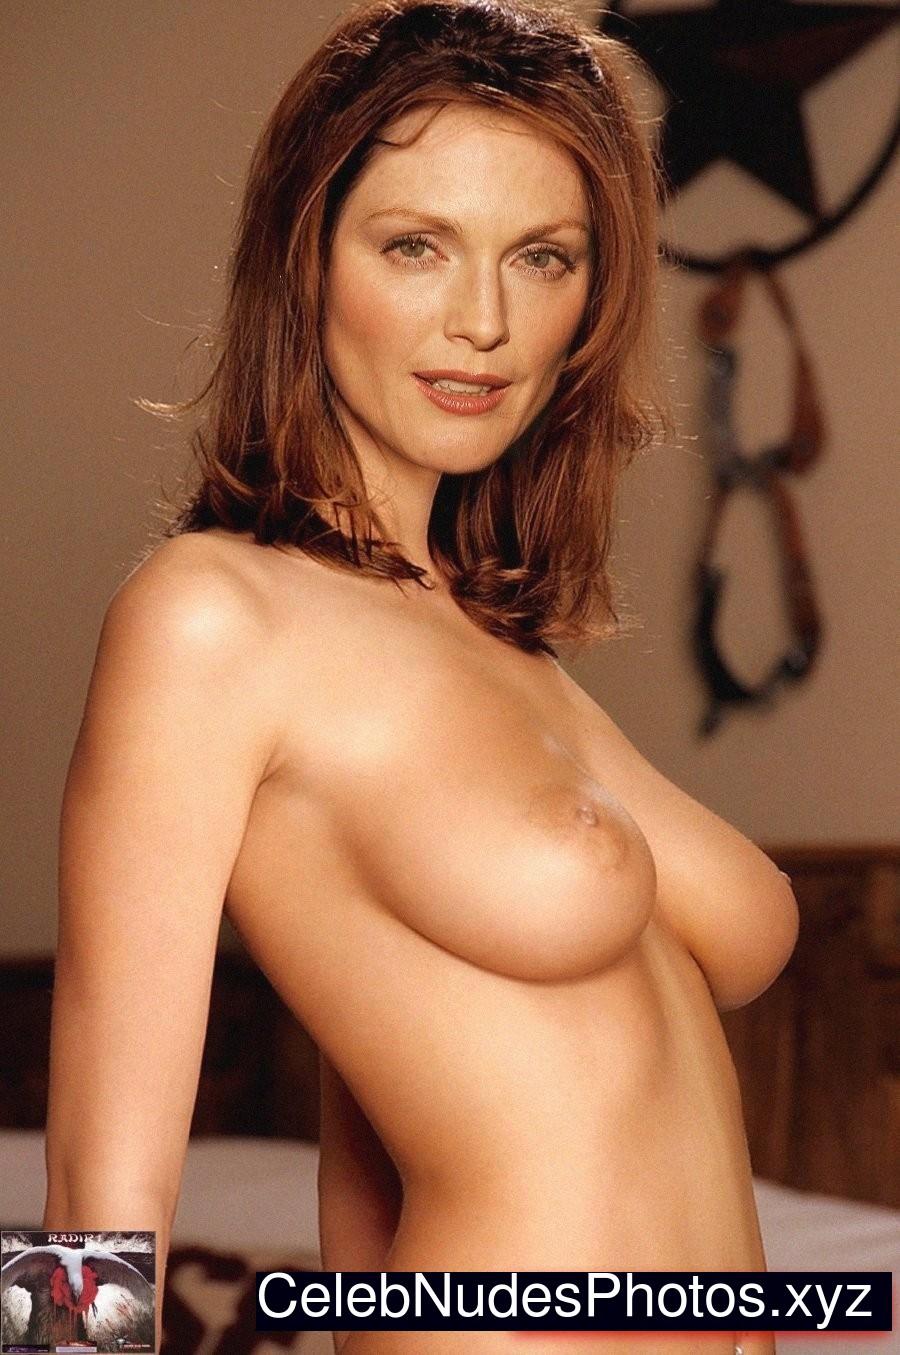 julianne moore nude